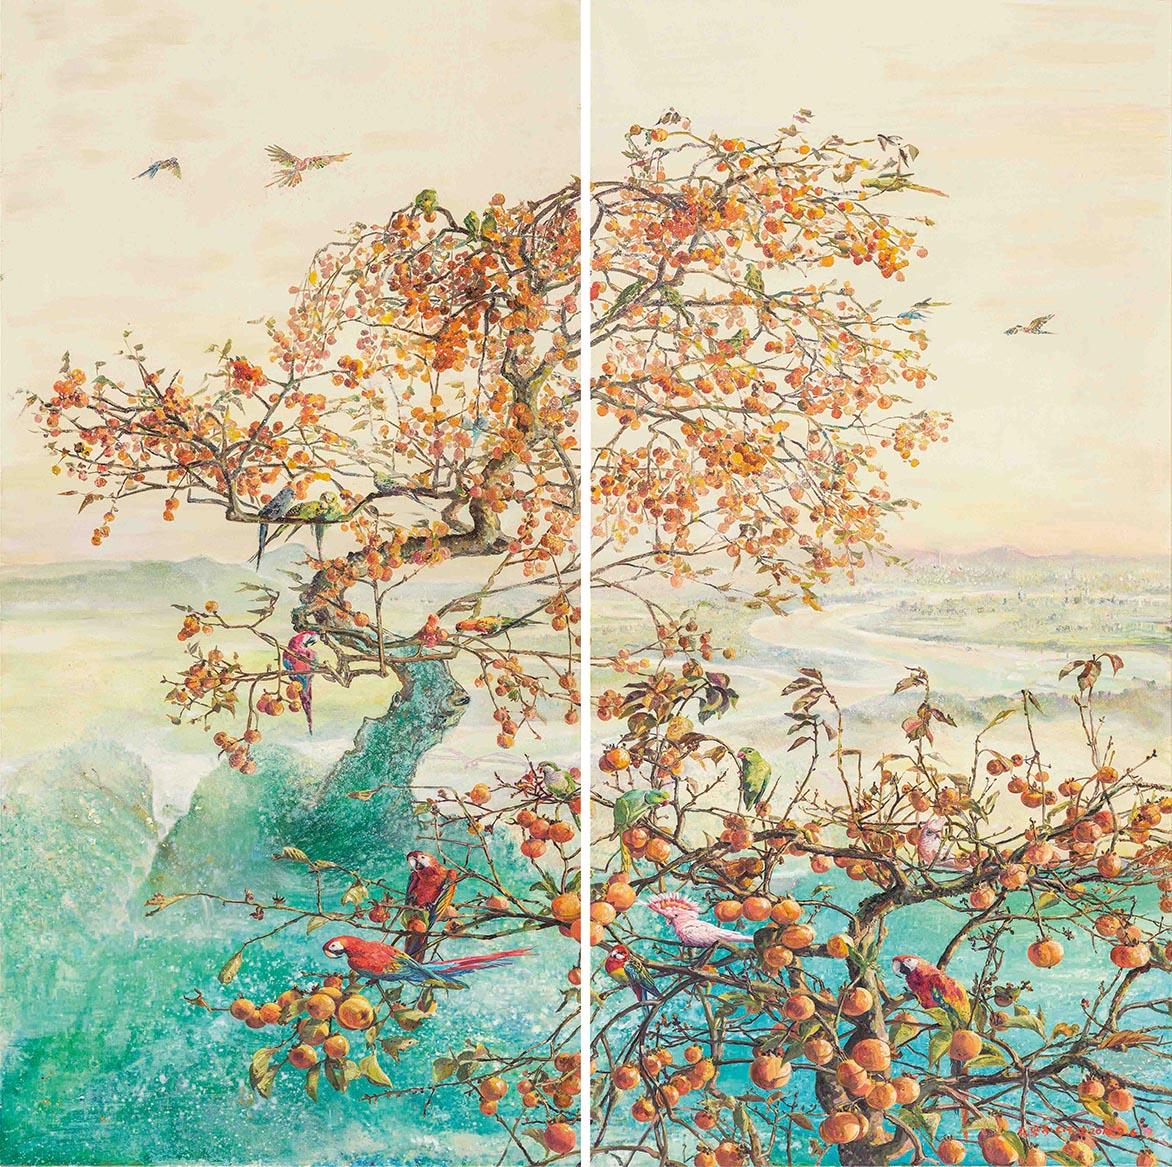 張翠容 山含秋色近 複合媒材、麻布 194.5×194.6cm (240M)